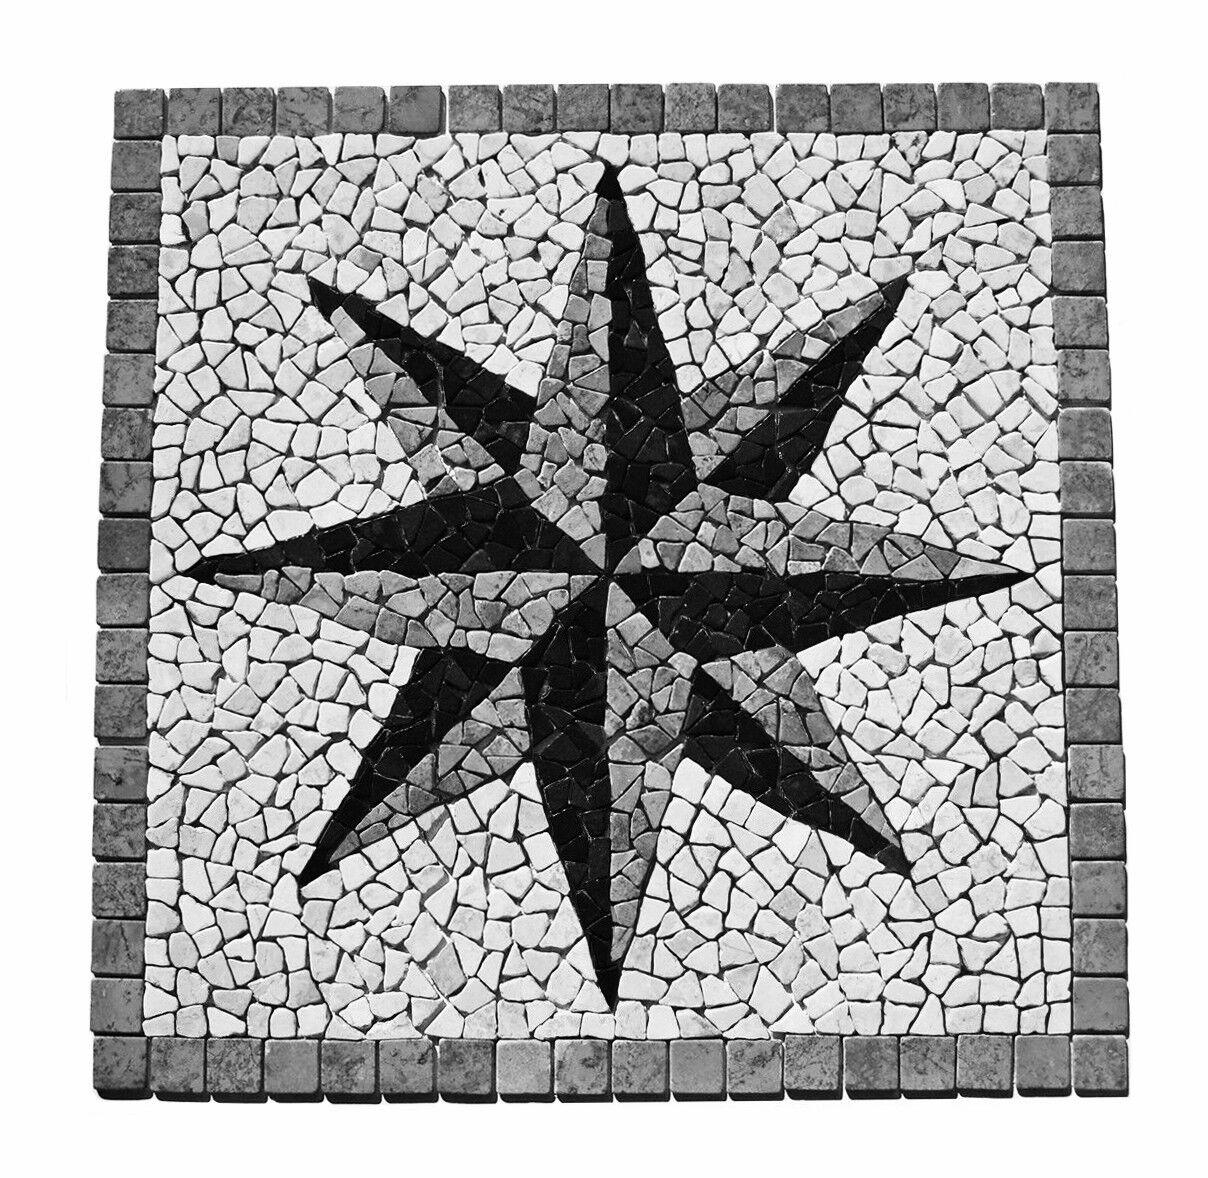 1 Mosaik Bild RO-007 - 90x90 - Rosone Mosaikfliesen Lager Stein-mosaik Herne NRW